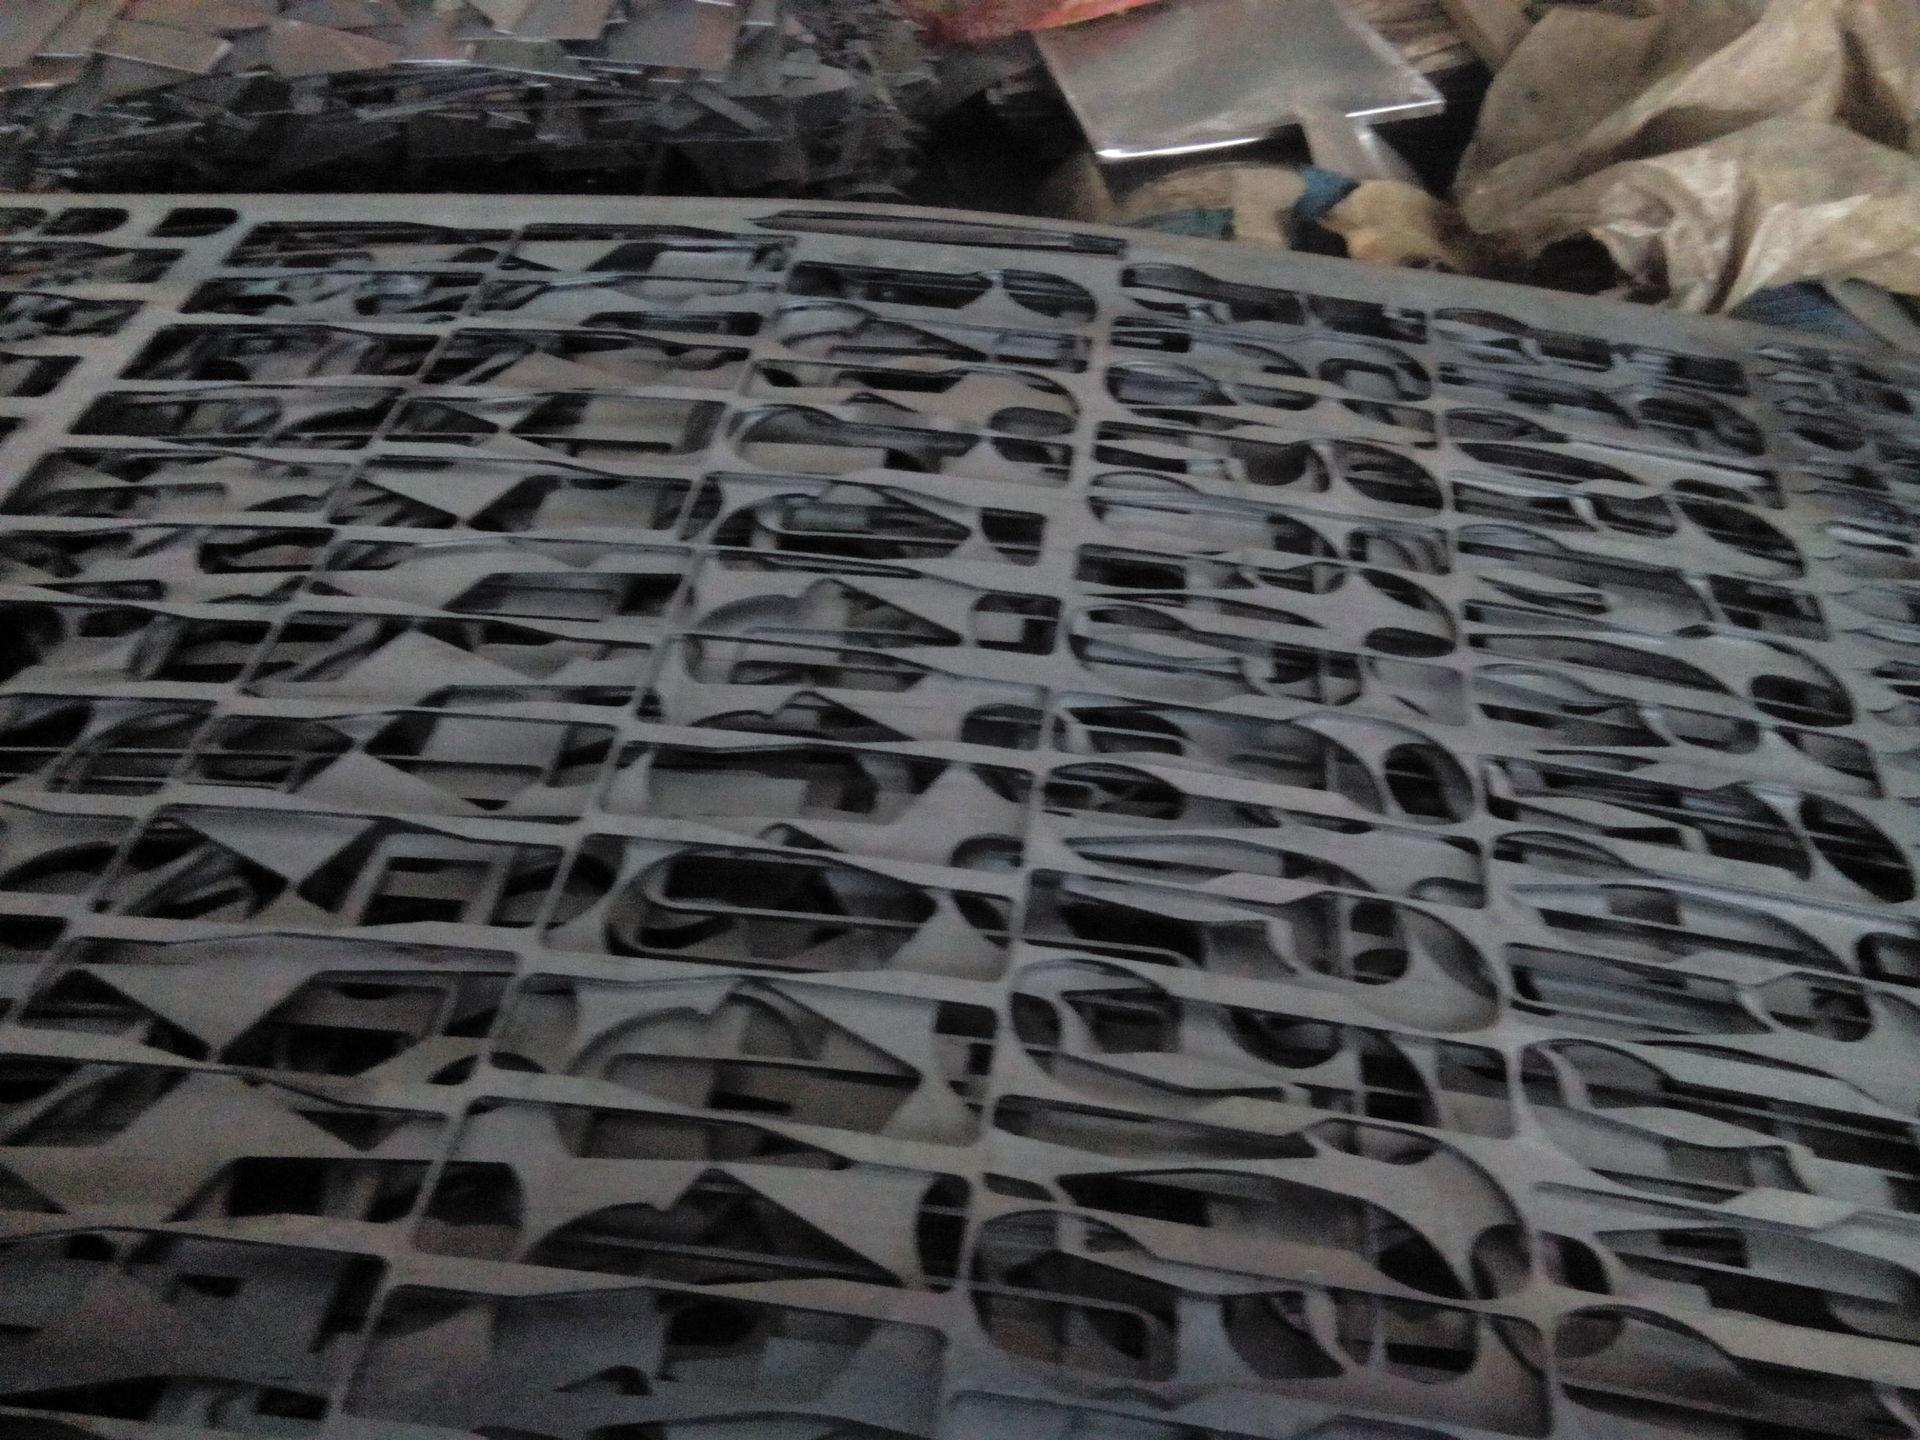 Vật liệu lò rèn  Steel scrap, return scrap charge